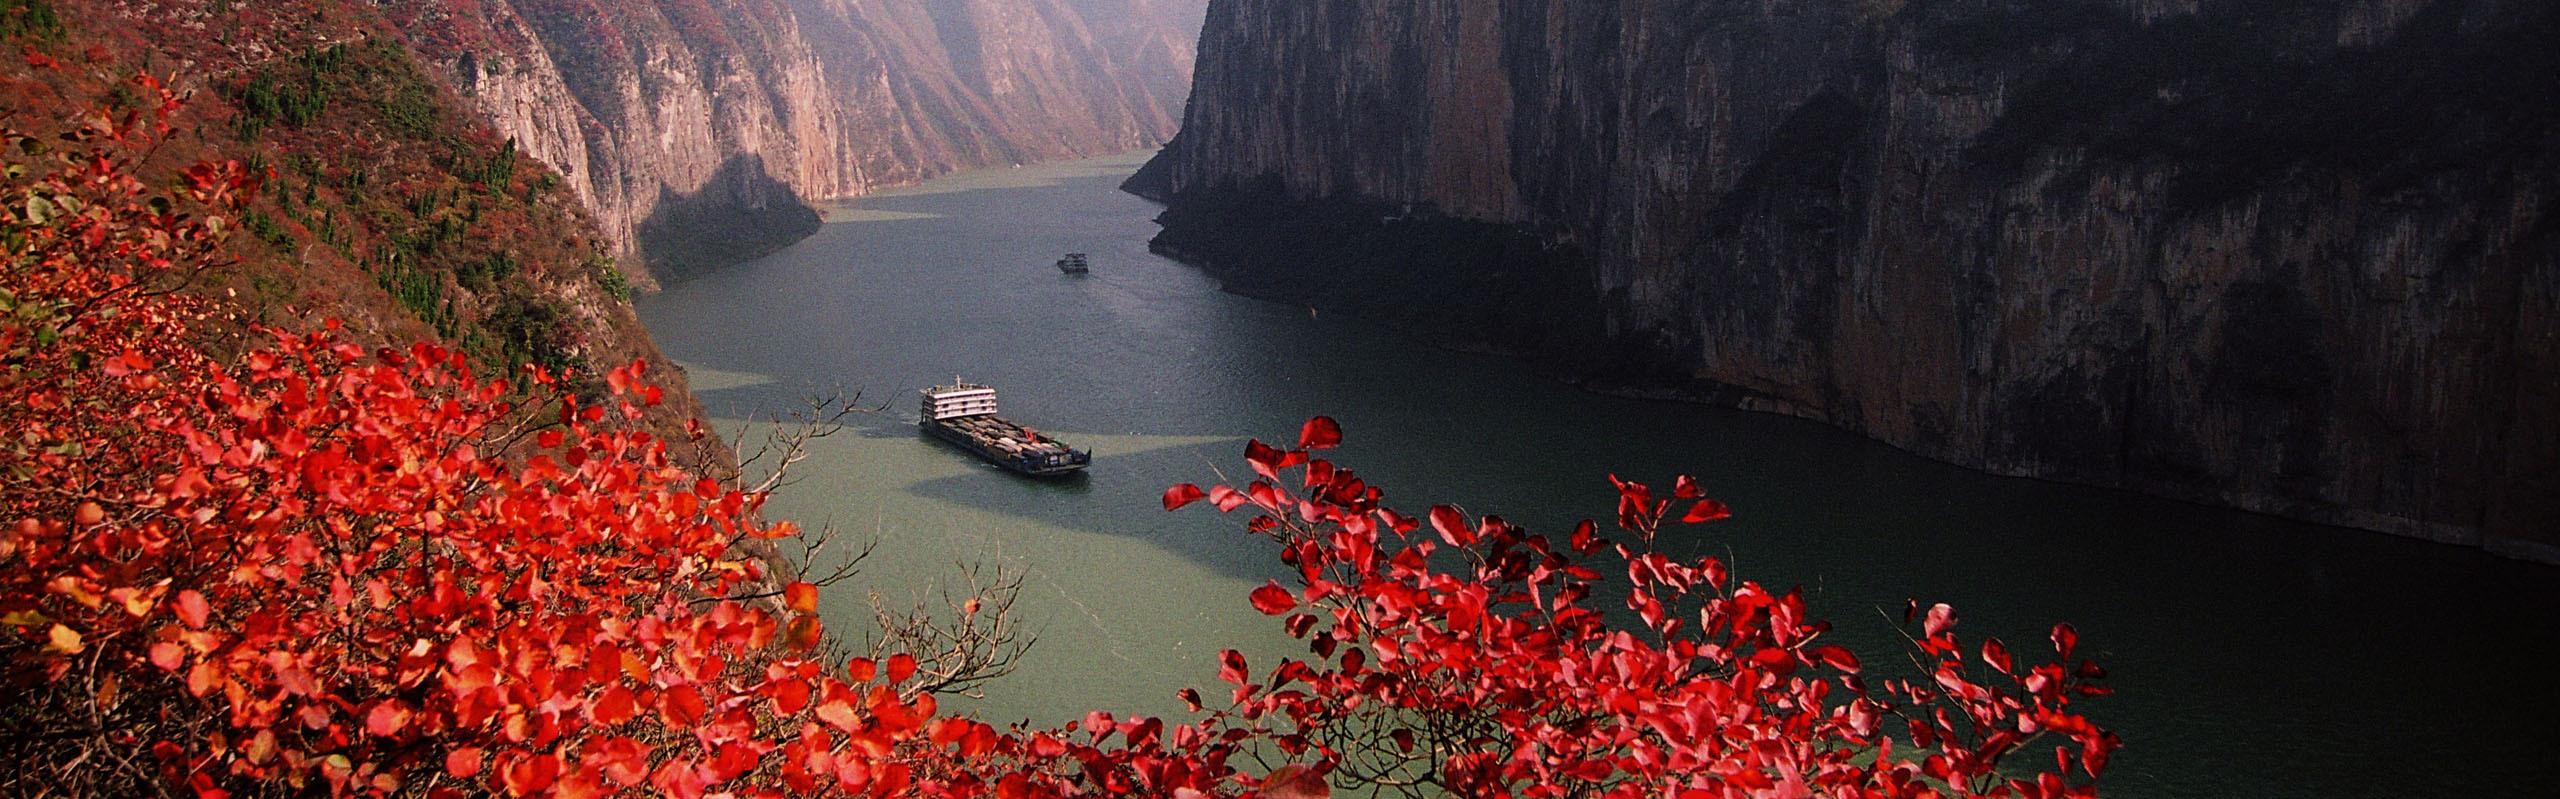 7 Days Guilin, Chongqing, Yangtze and Yichang Tour